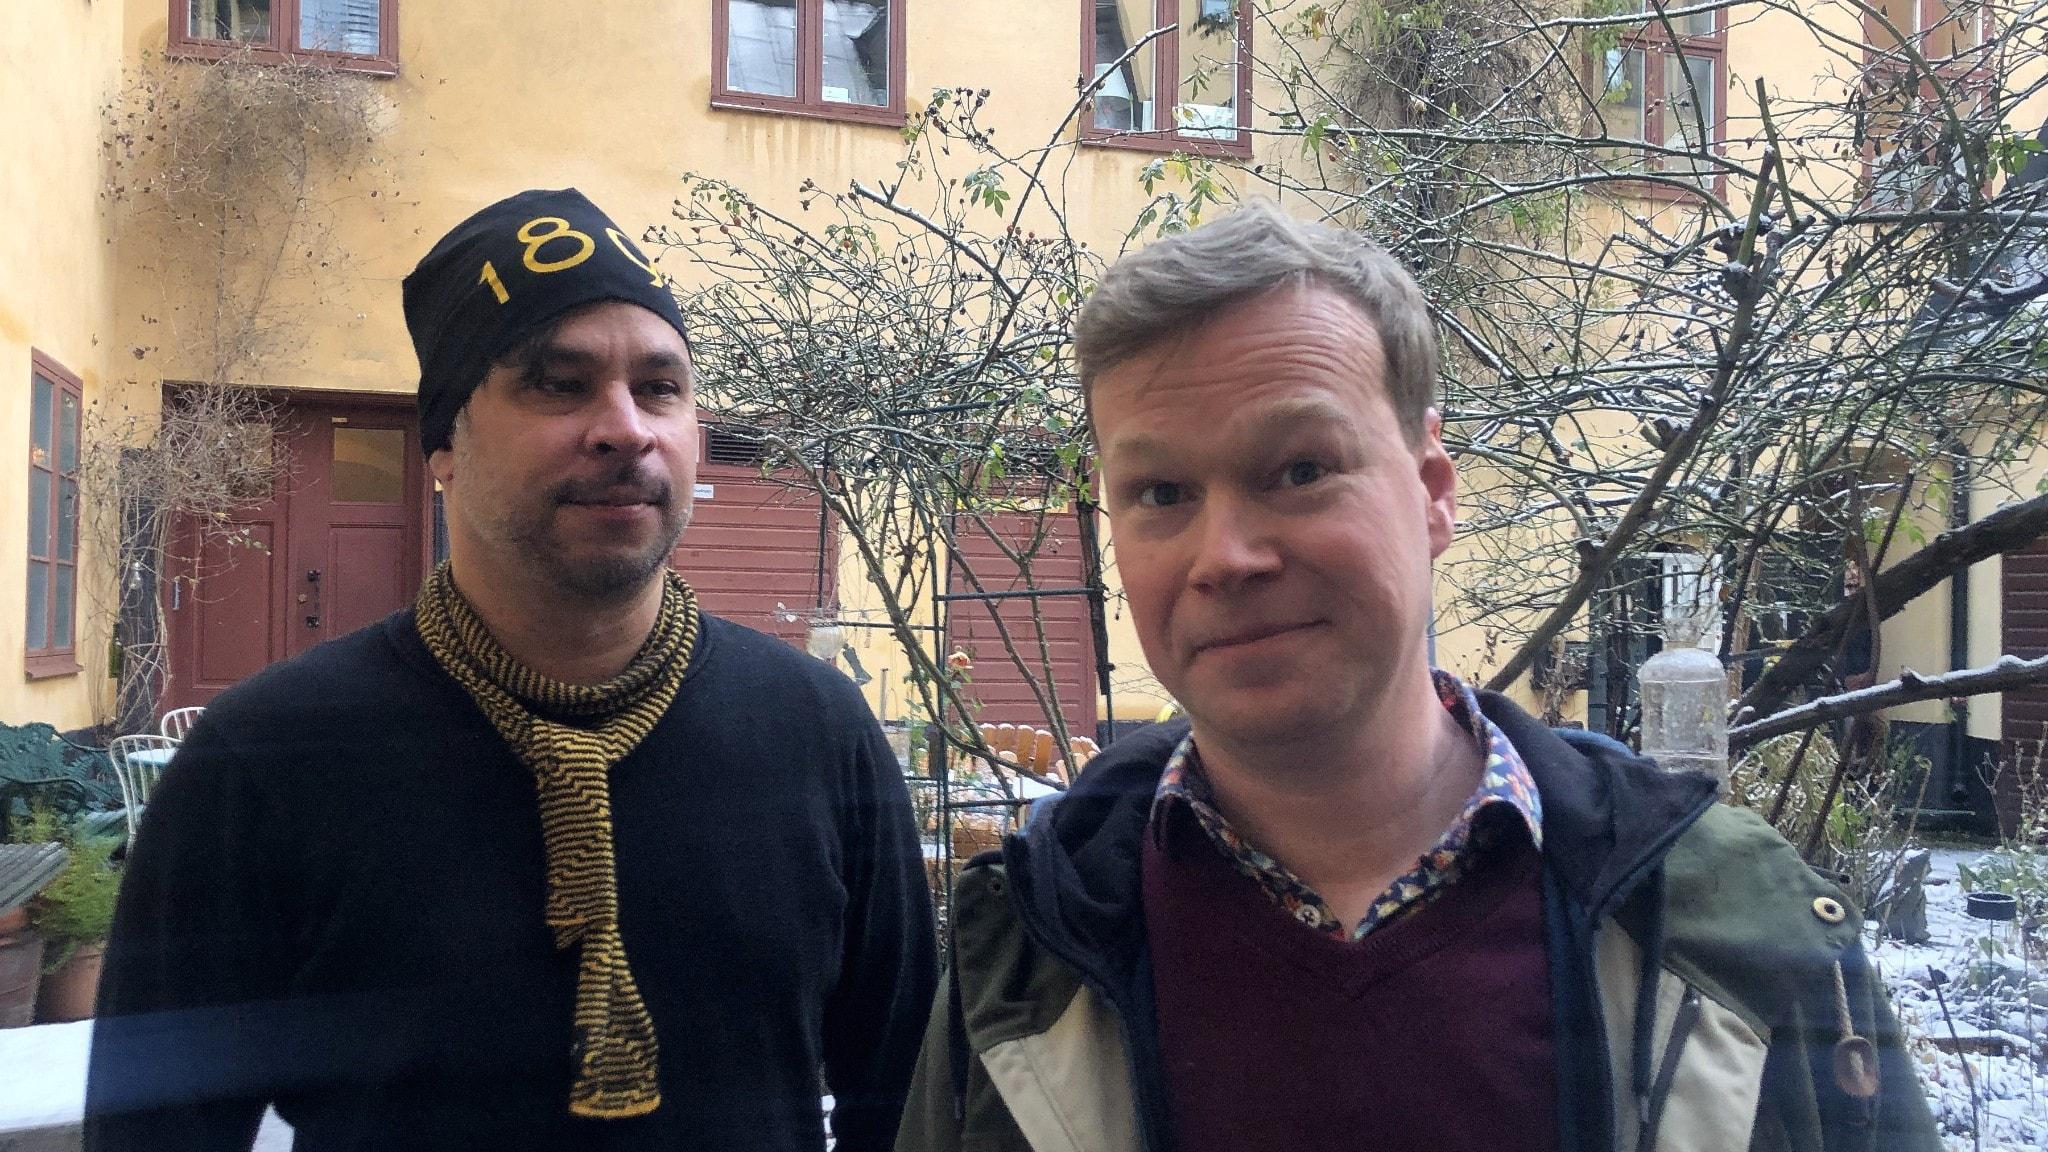 Martin Wicklin och Johan Glans står på en innergård